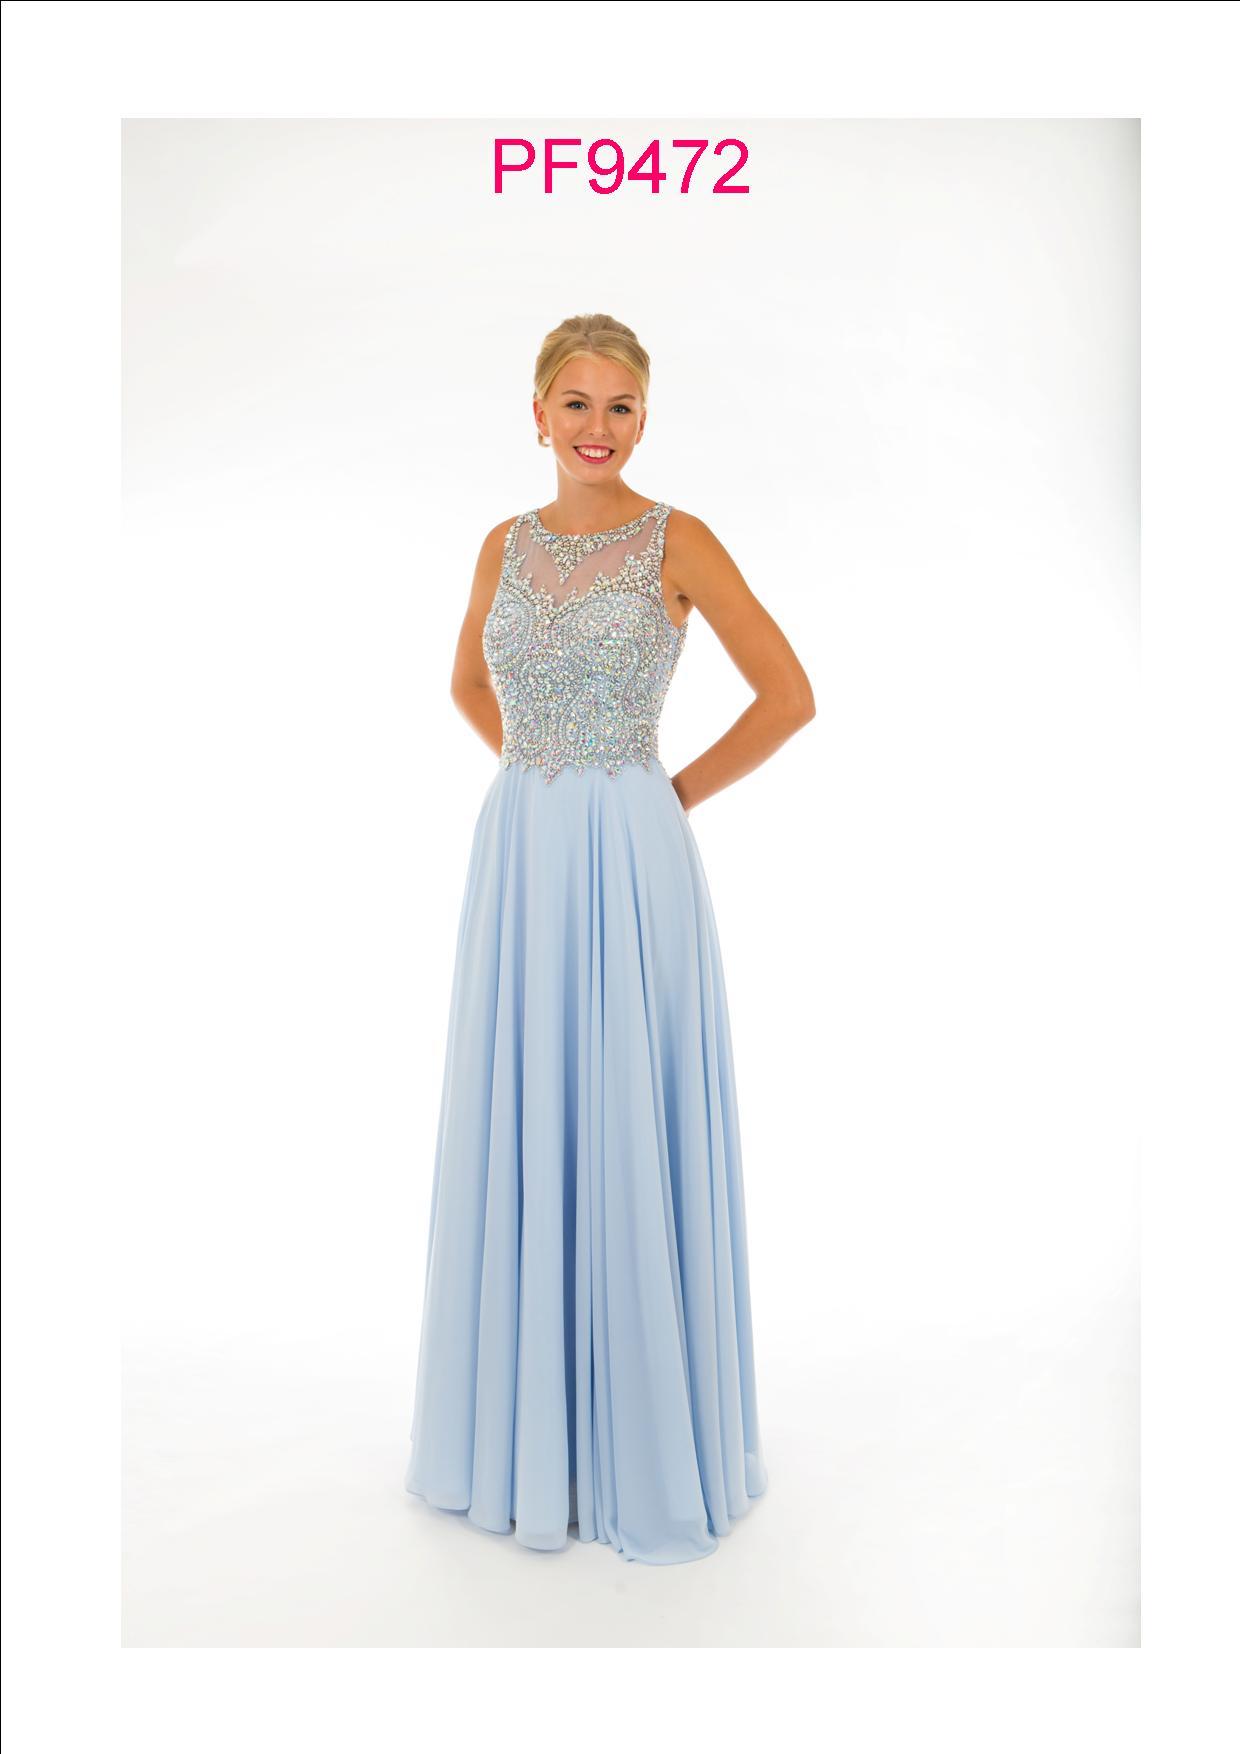 ff1a7a0855c4 Prom Frocks PF 9472 Powder Blue Prom Dress - Prom Frocks UK Prom Dresses